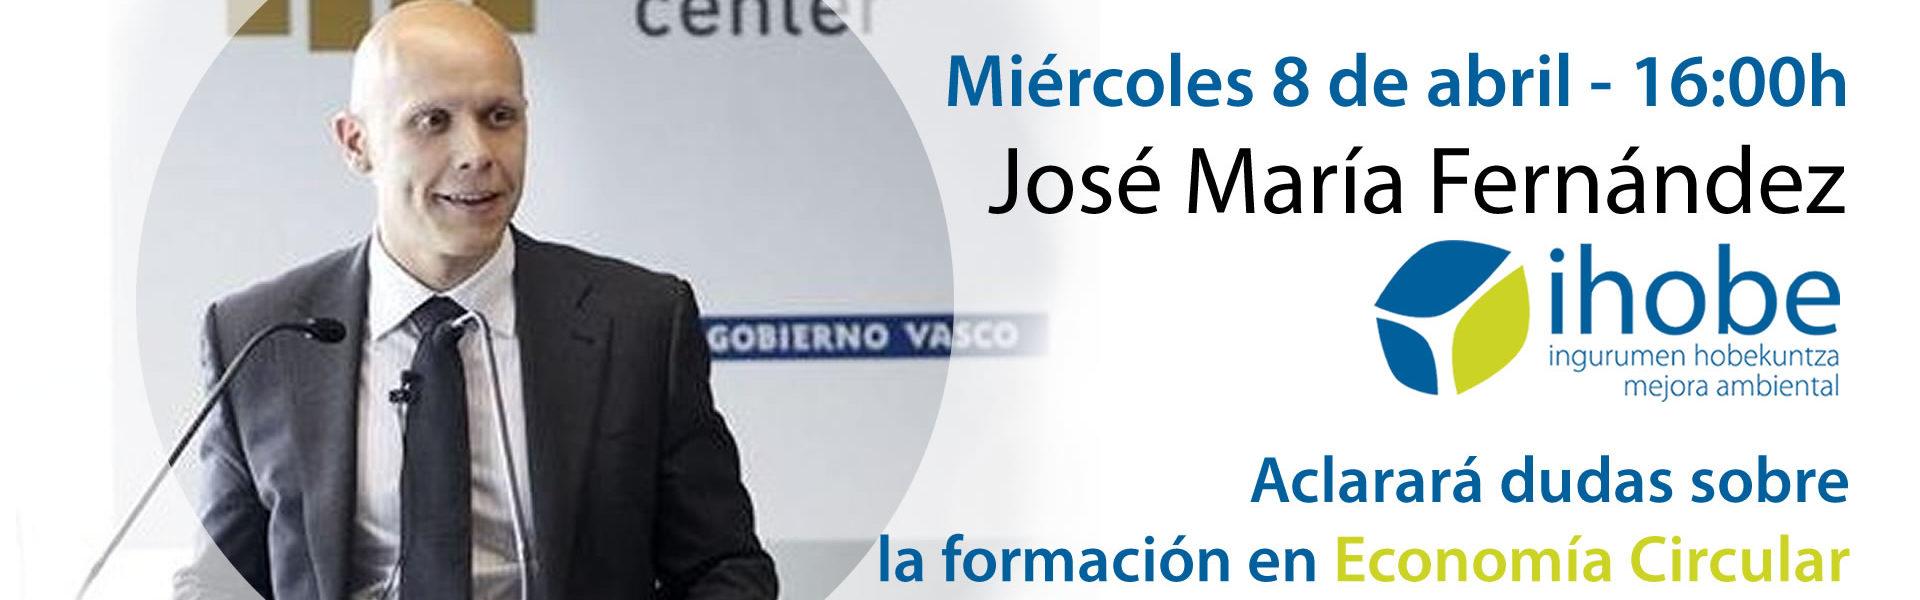 Miércoles 8 de abril. ¡Conectamos con José María Fernández!. Formación e Inserción en Economía Circular